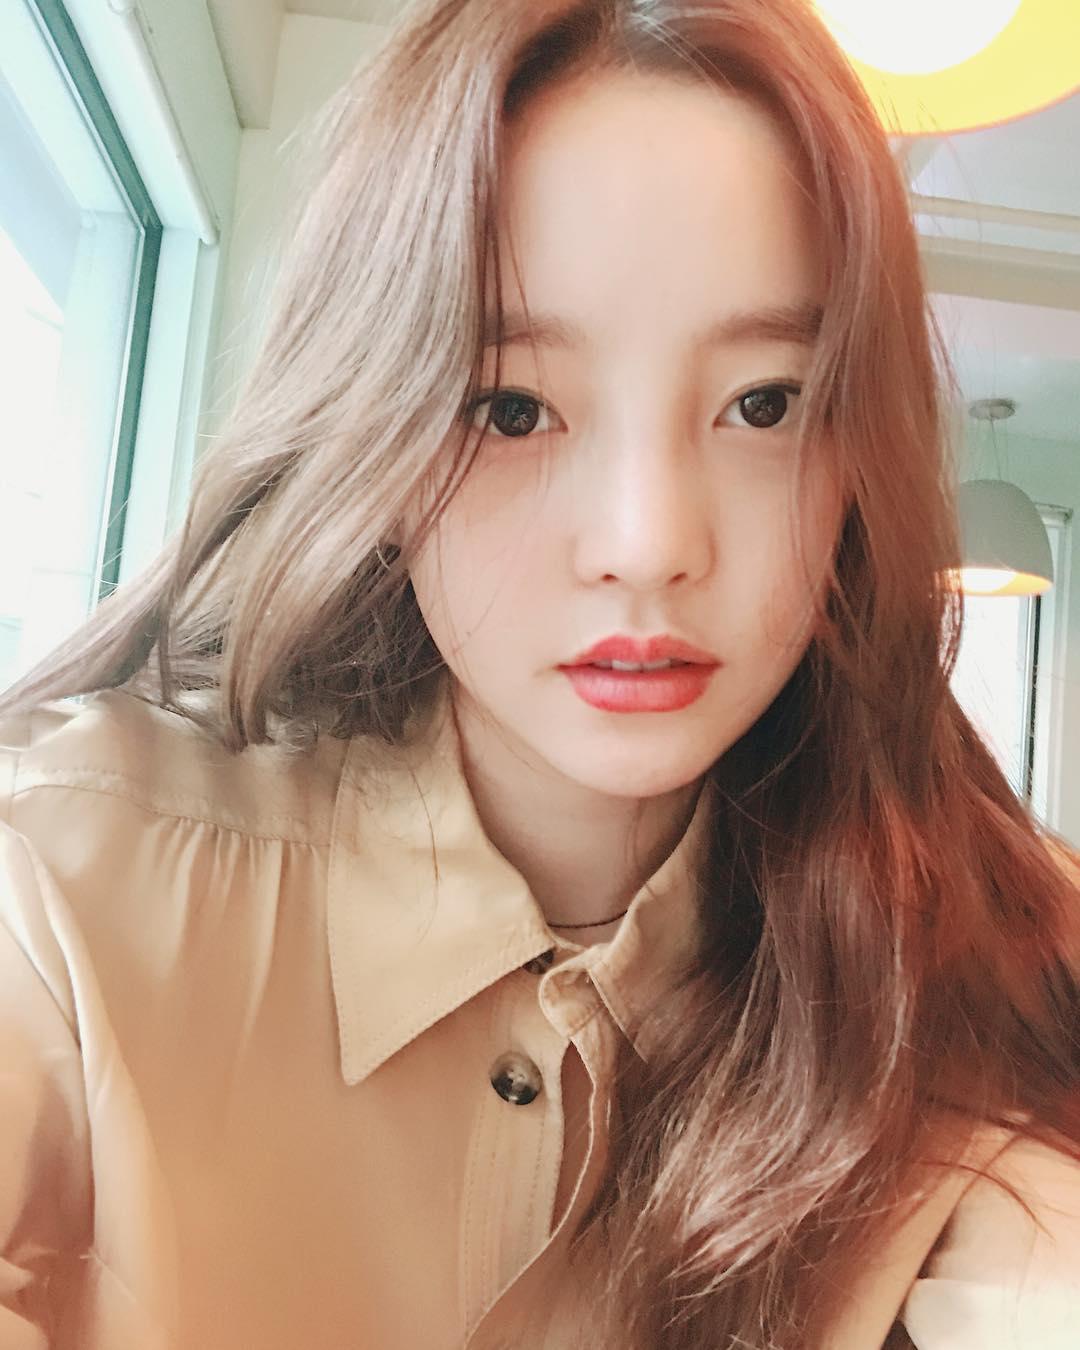 大快人心!韩国警方对具荷拉前男友申请逮捕令,网友:终于还她清白了插图10